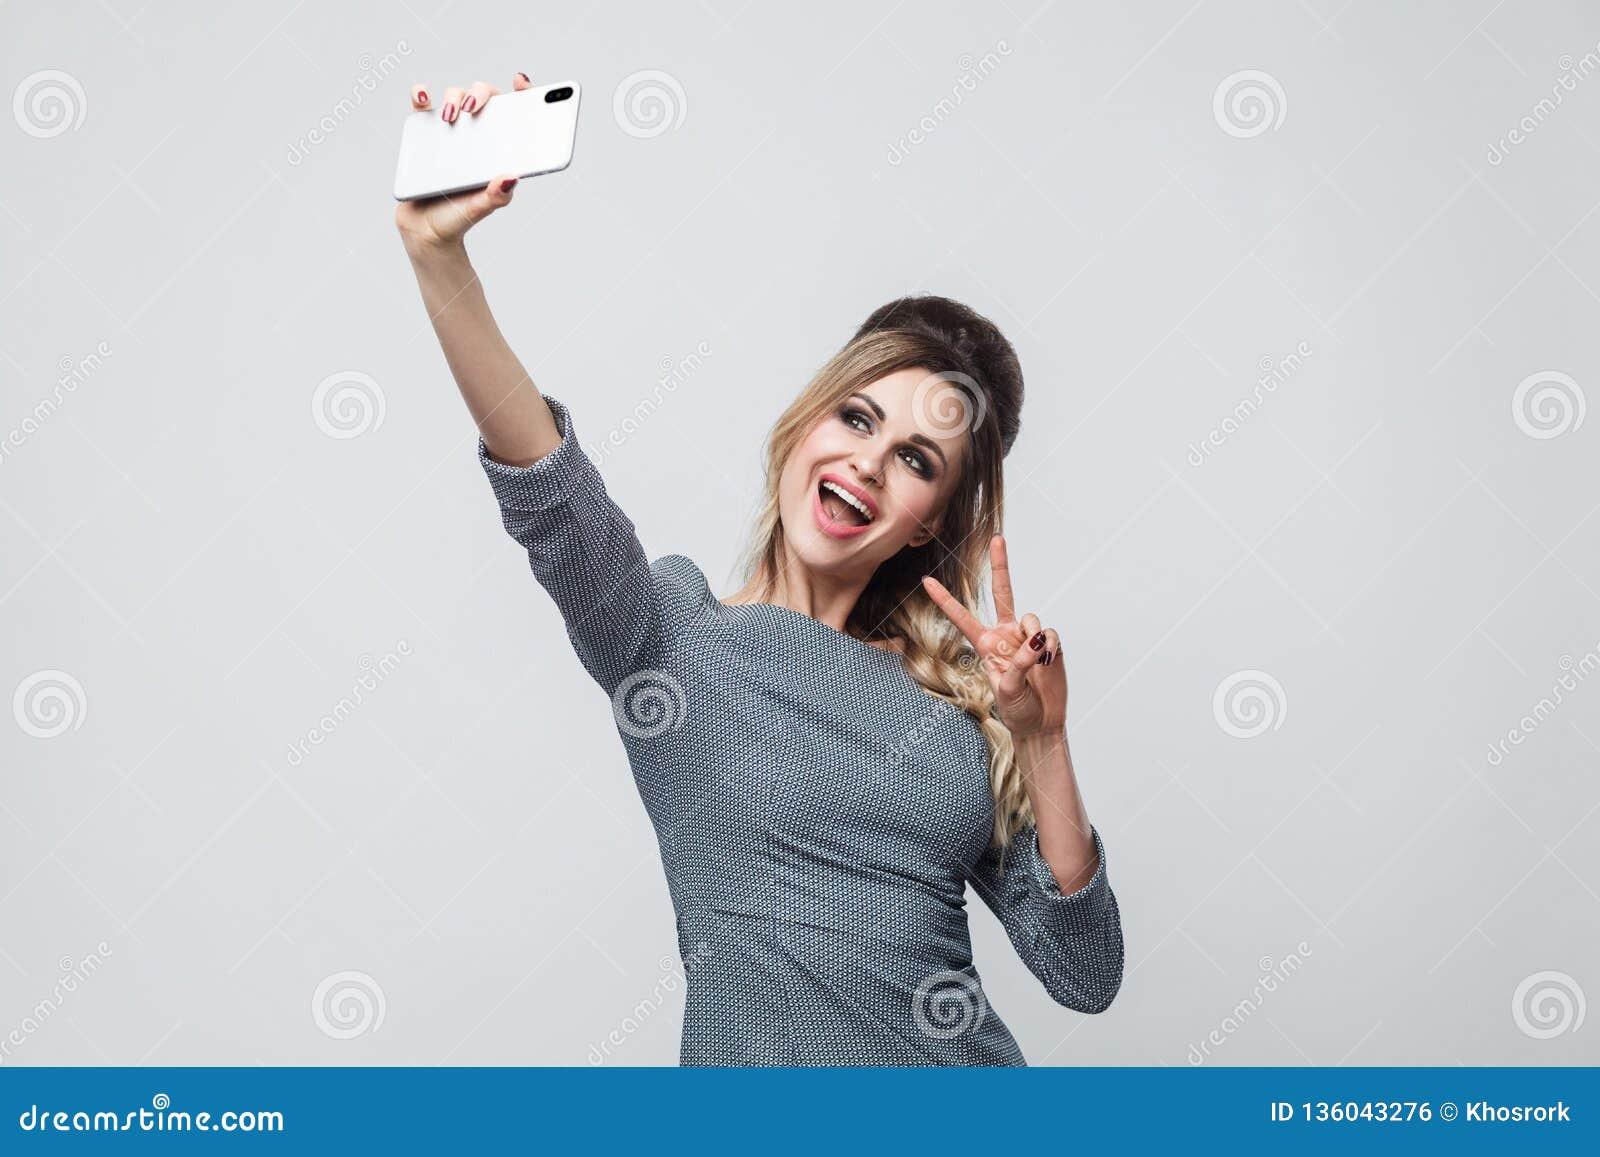 Selfietijd! Het gelukkige mooie bloggertiener dragen in grijze kleding met vlecht bij de hoofd status, die v tonen zingt met toot